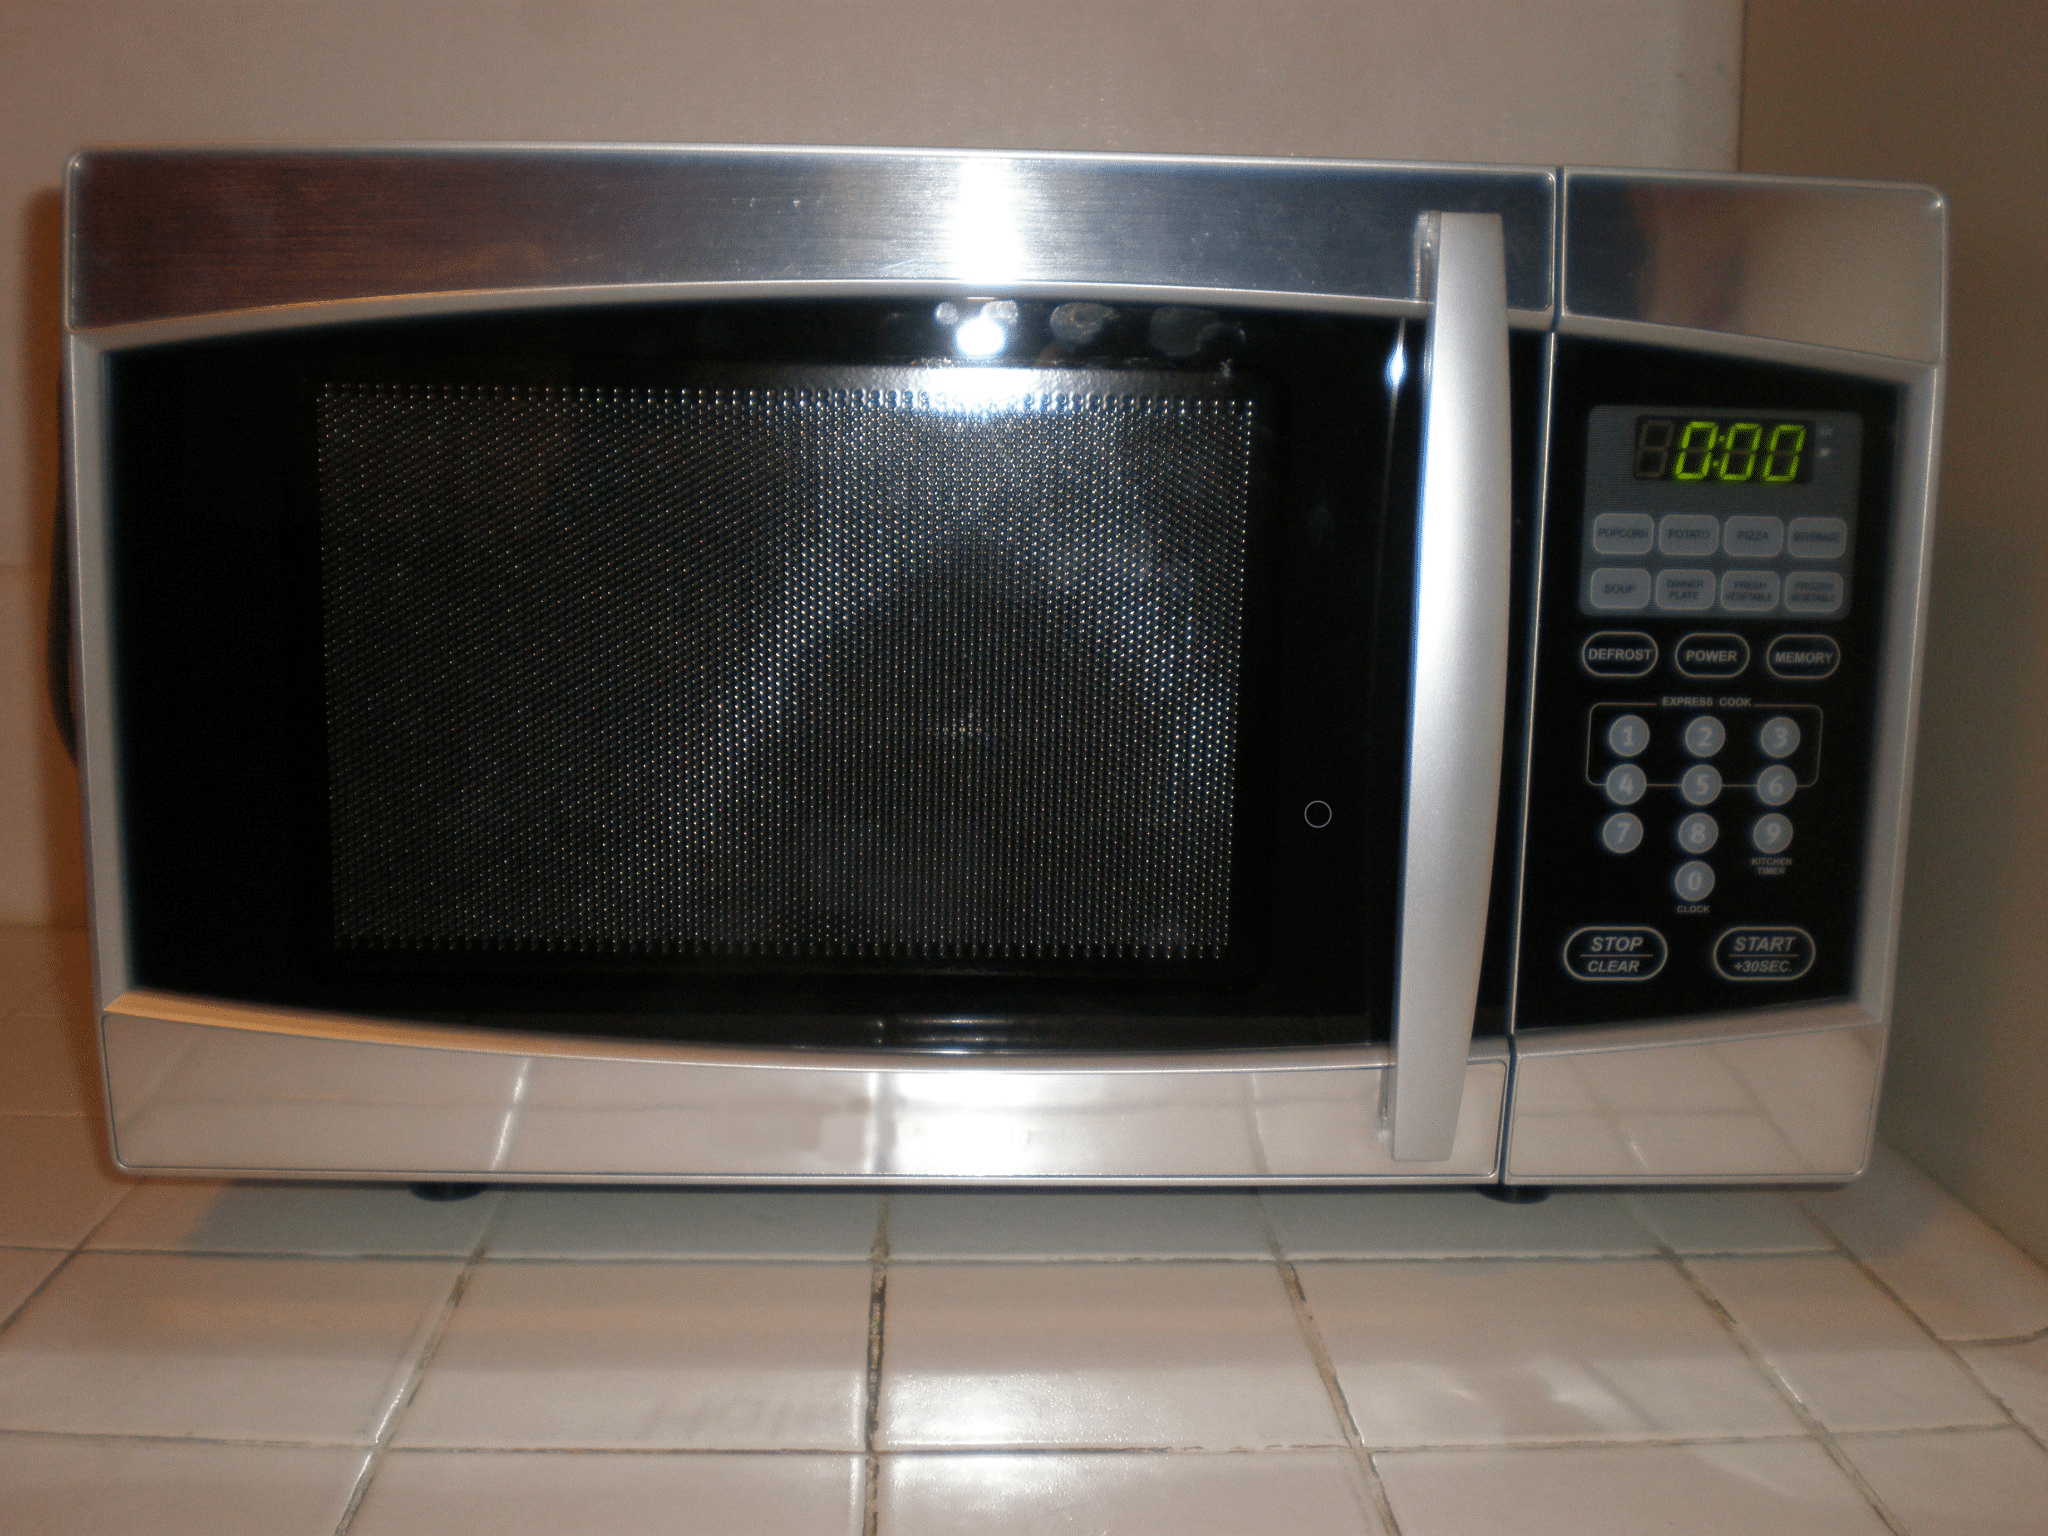 inverter oven, best countertop oven toaster